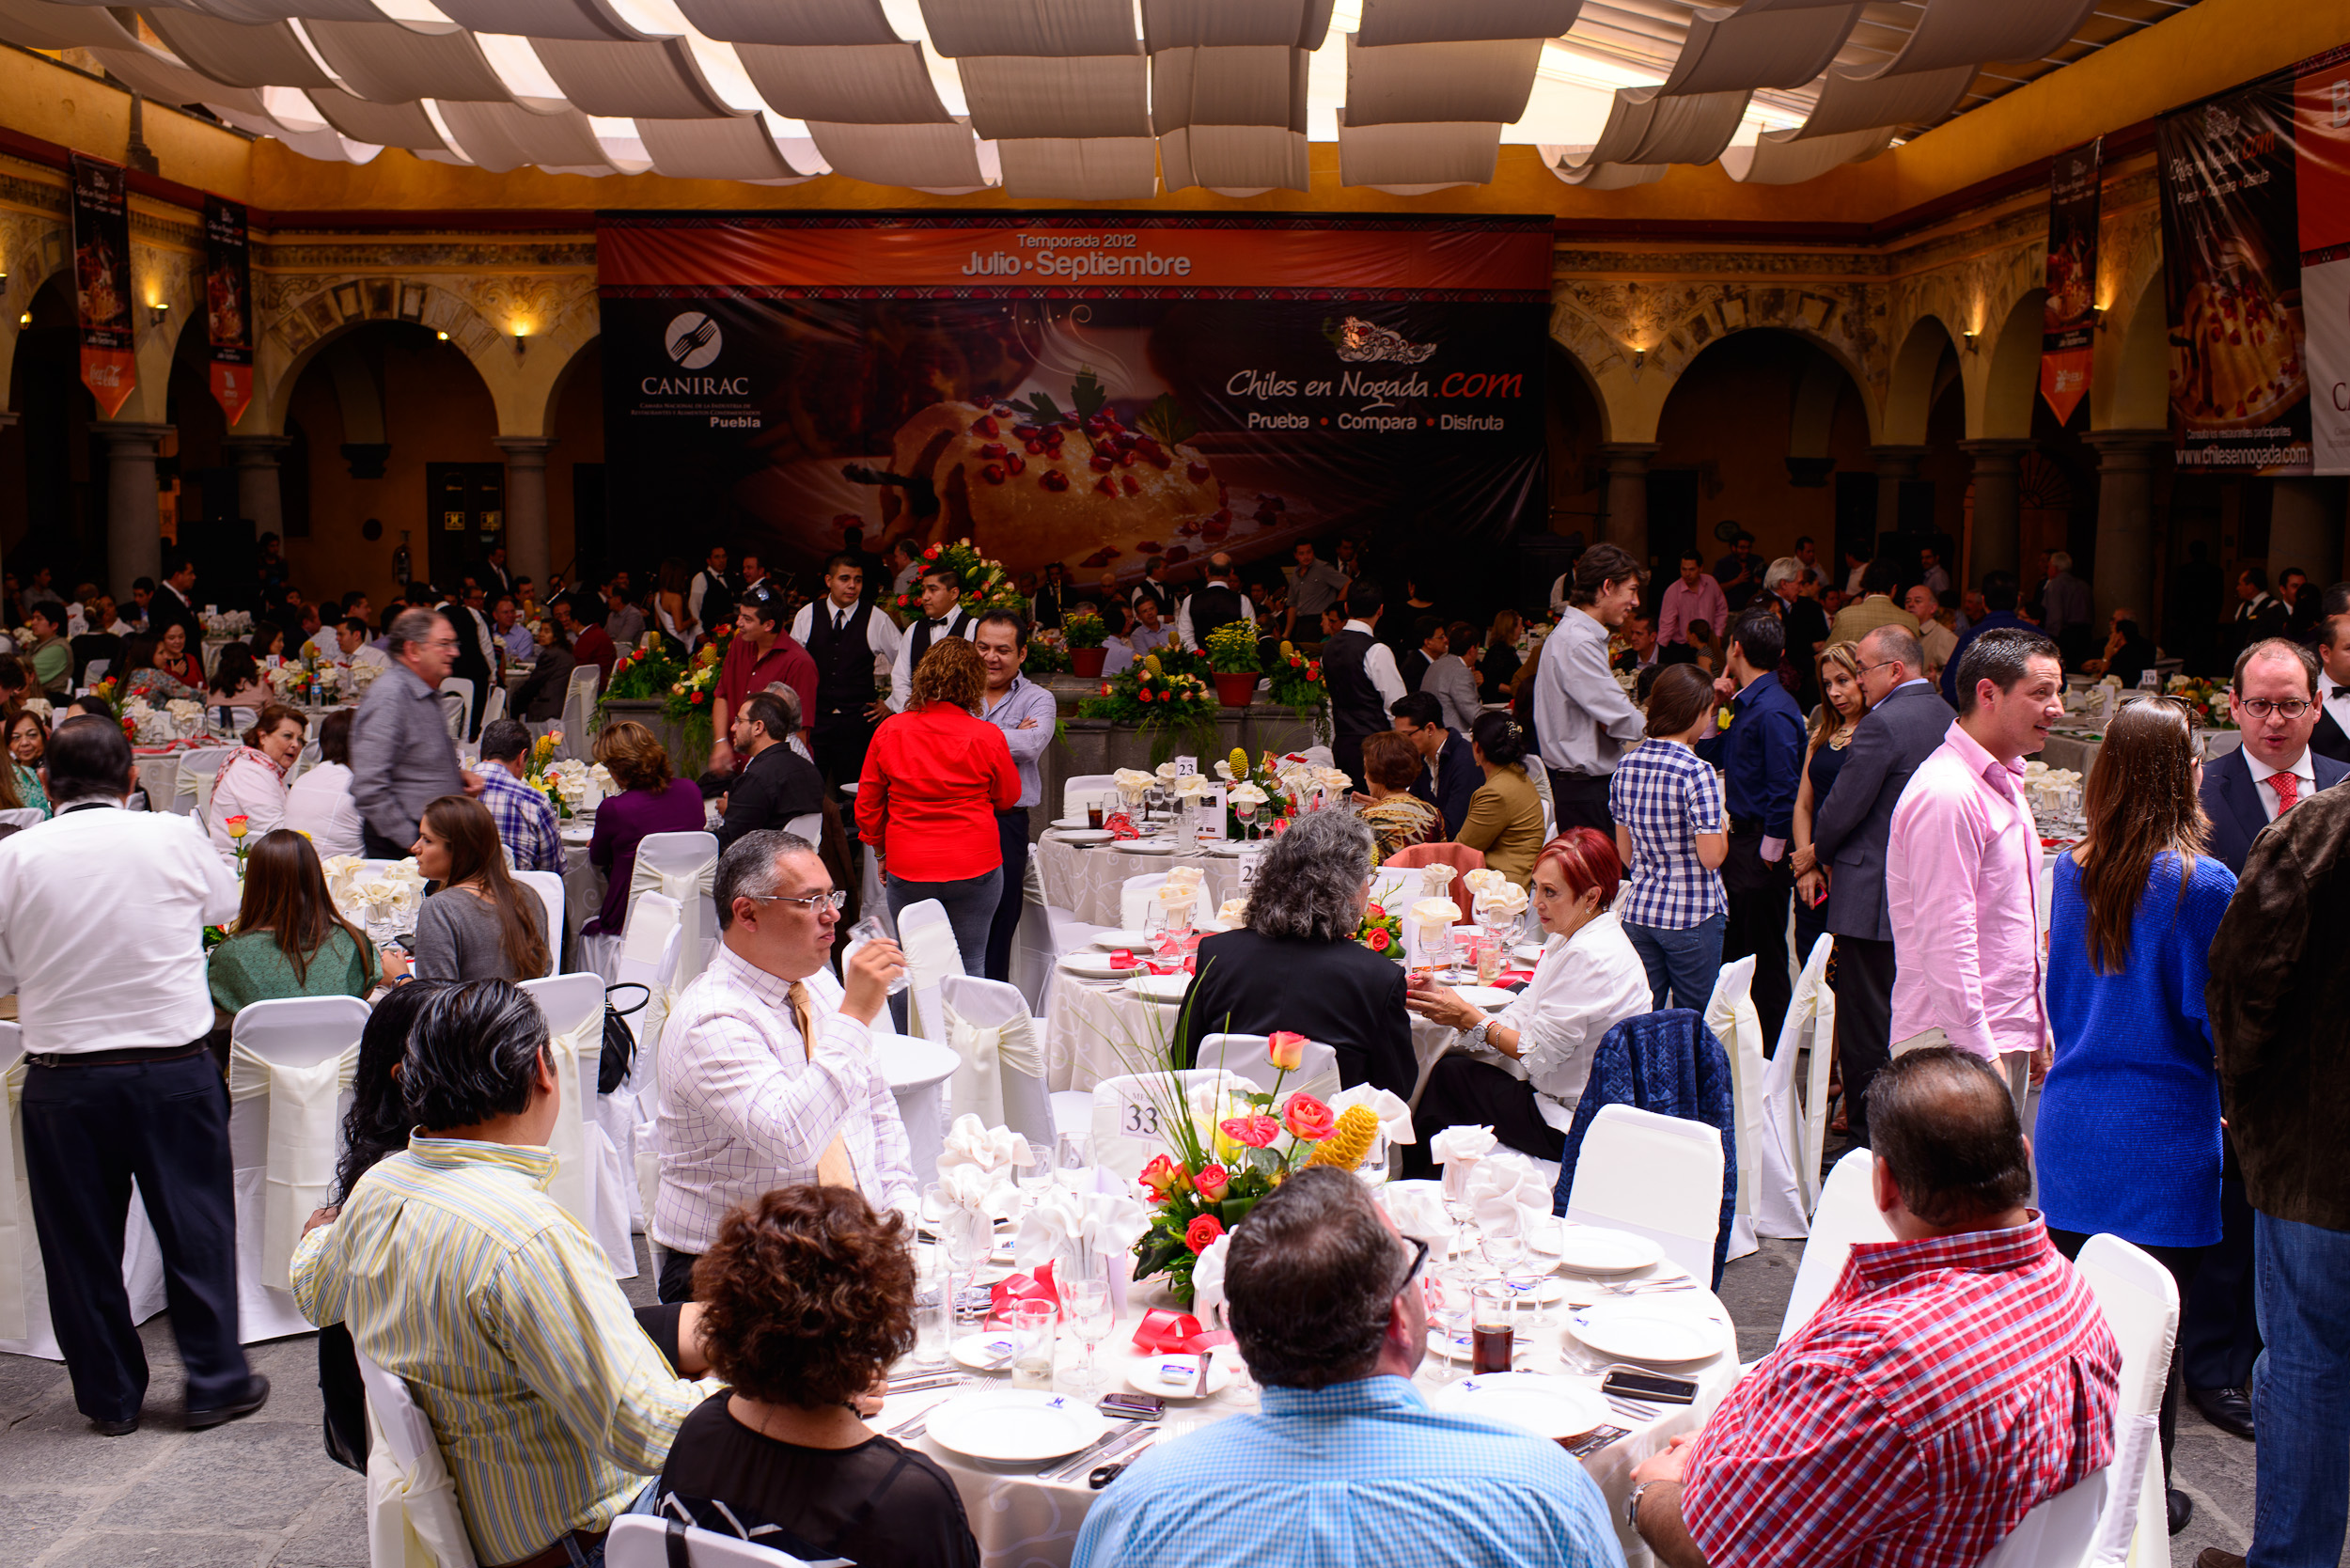 El festival de los chiles en nogada